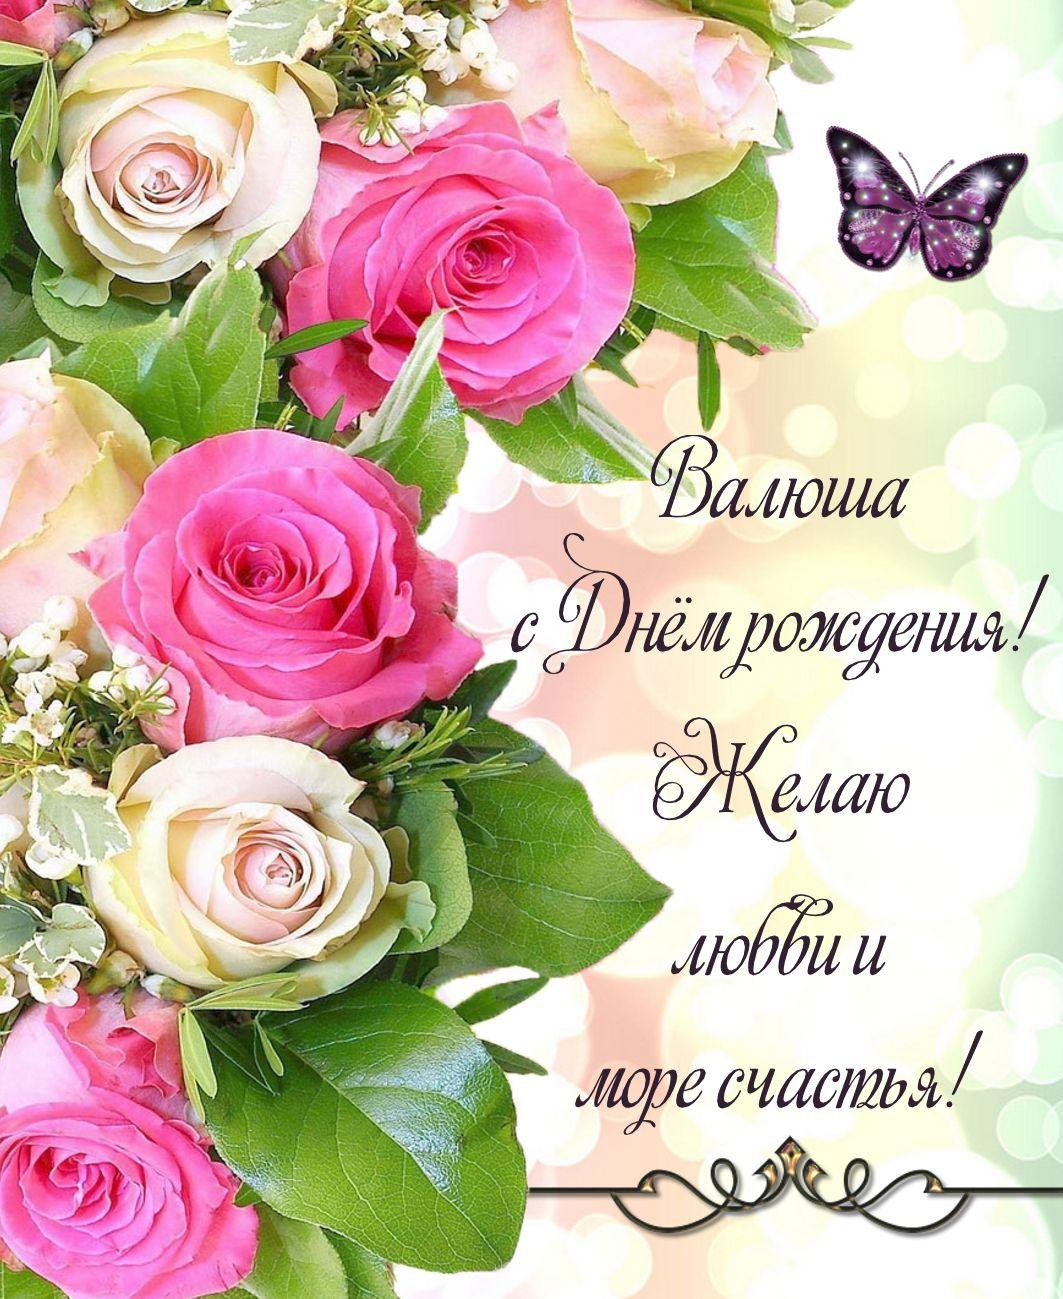 Открытка - красивые розы и поздравление Валюше